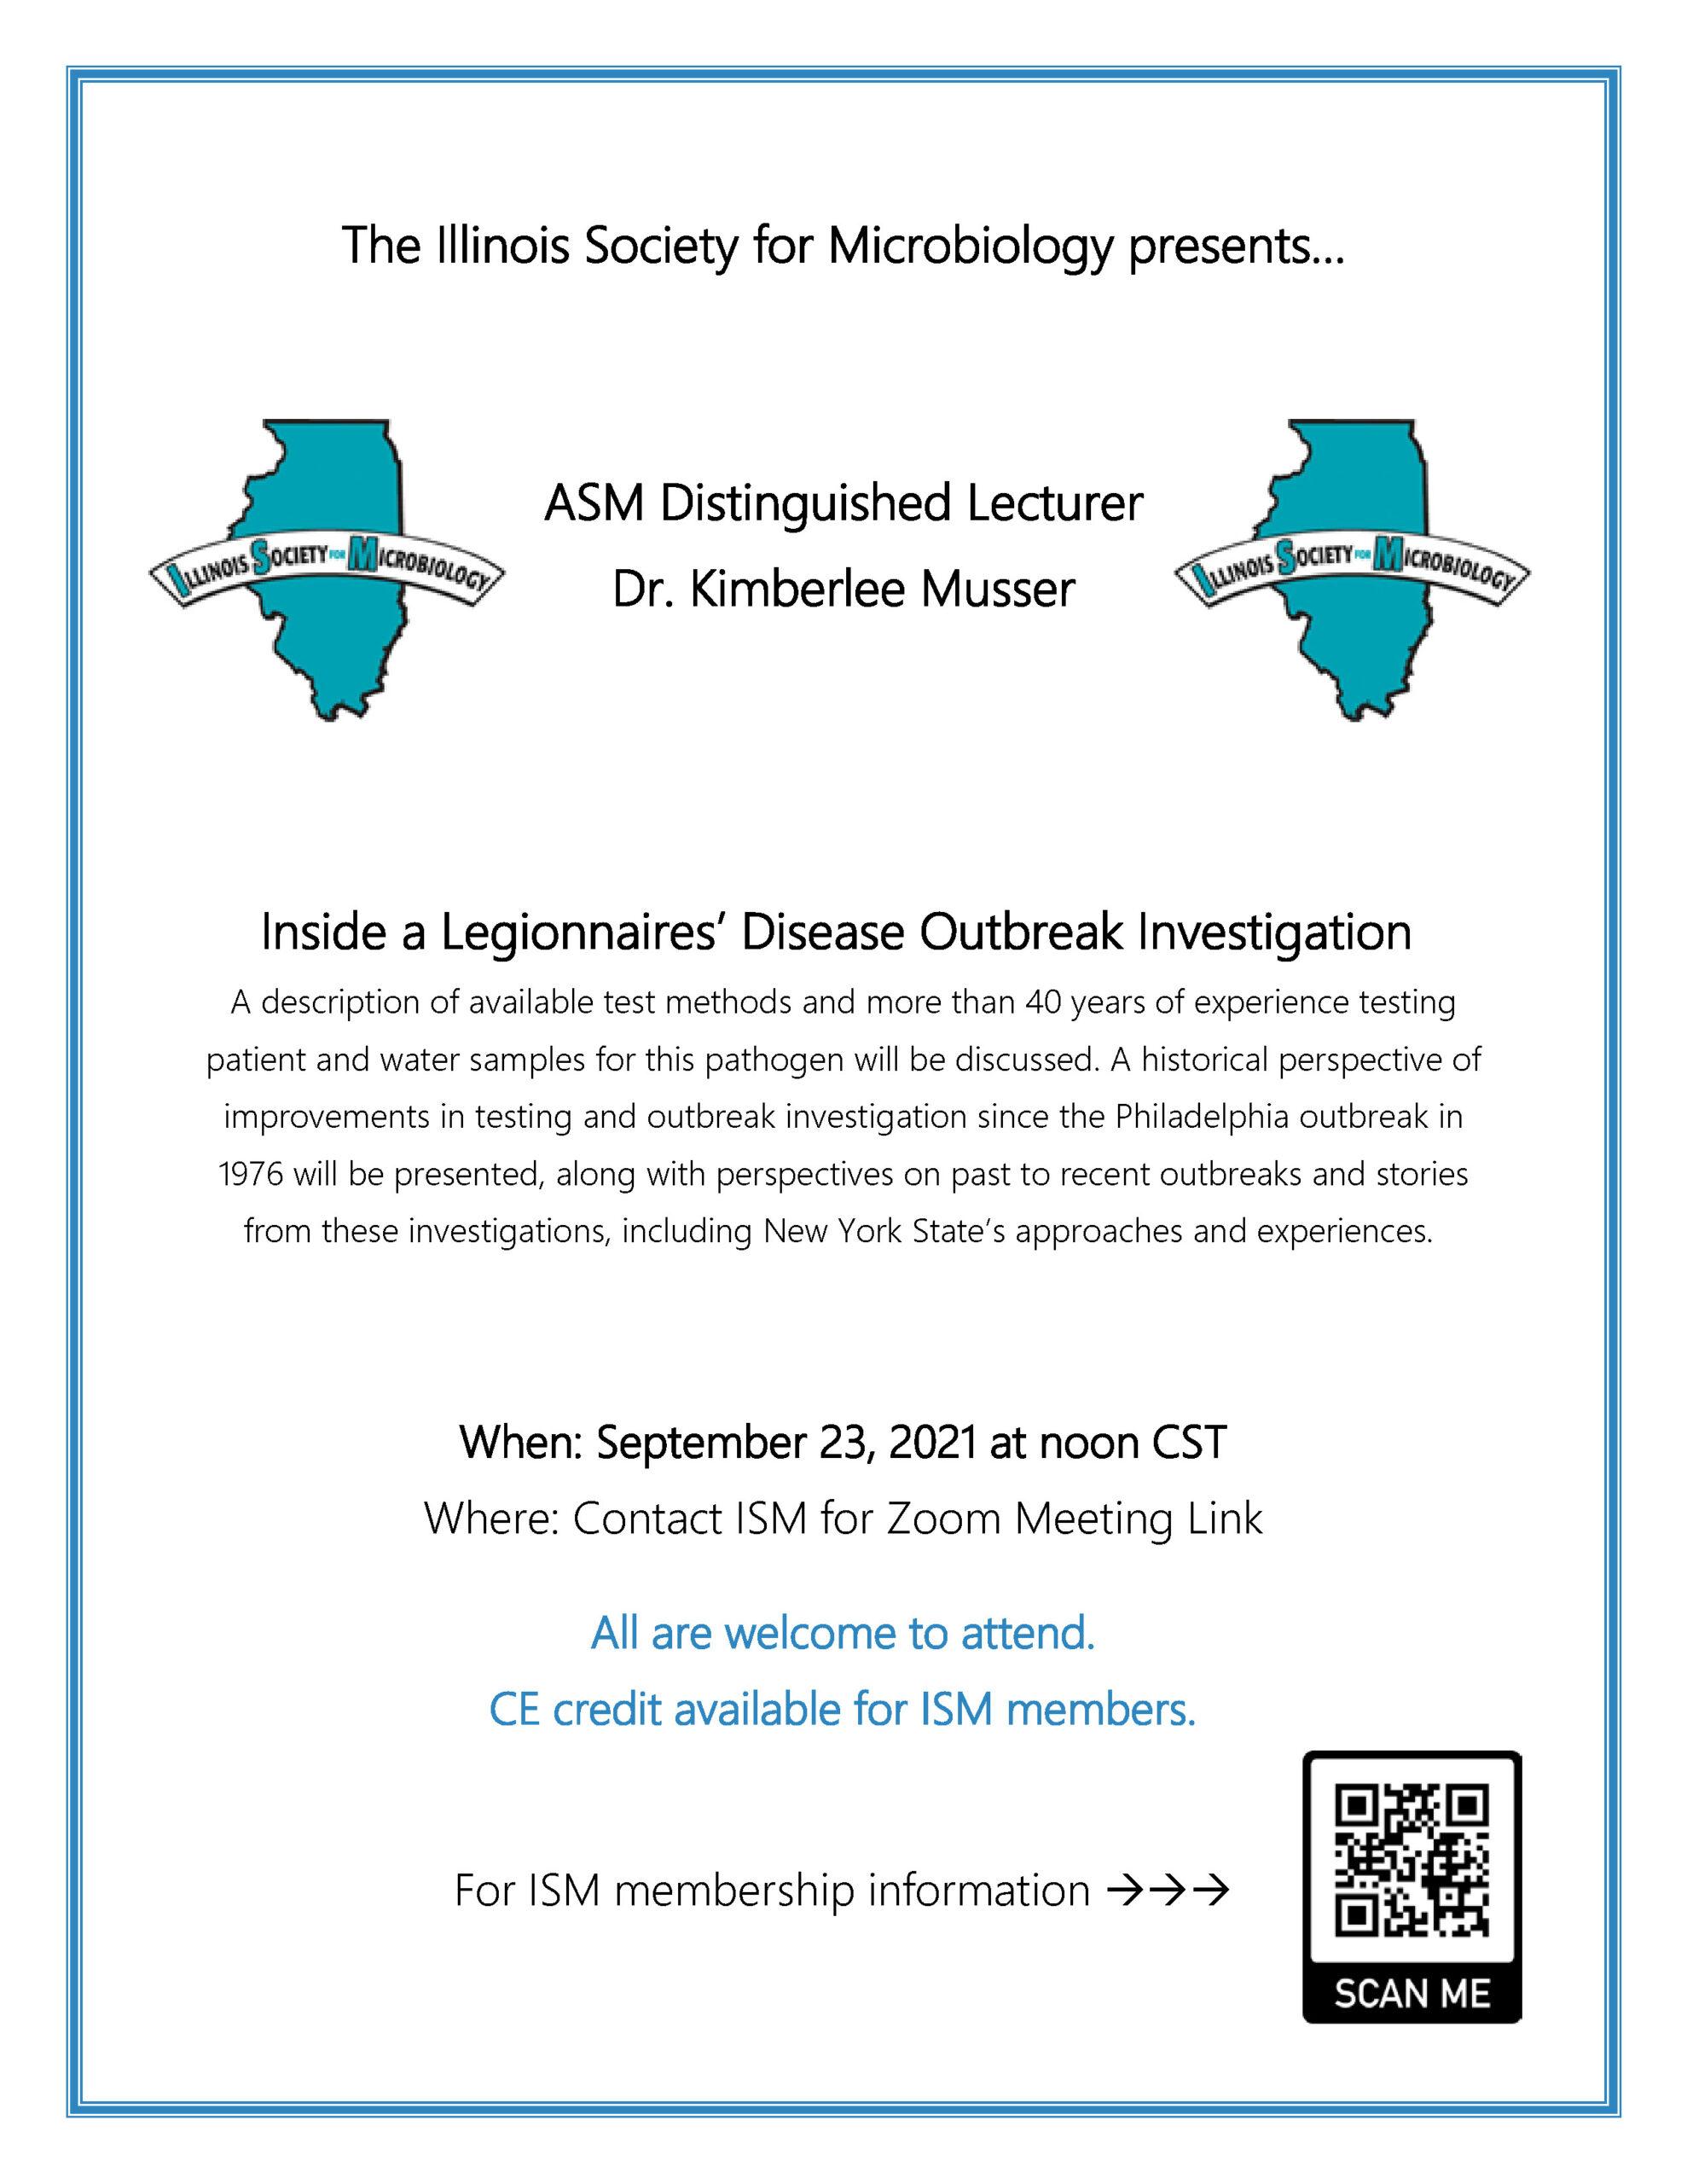 Legionnaire's lecture flyer